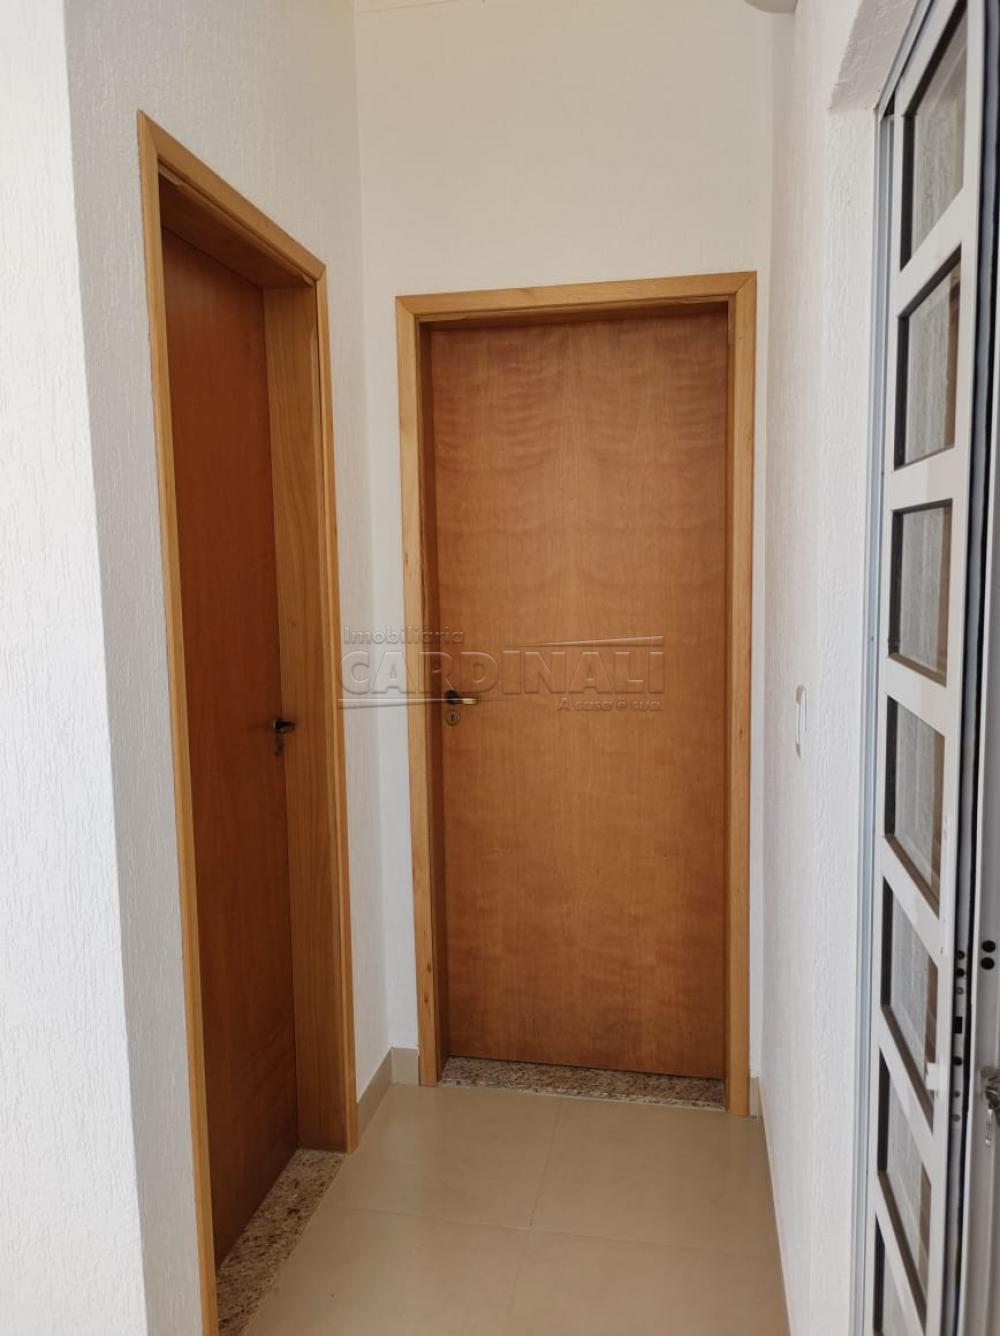 Comprar Casa / Condomínio em Araraquara R$ 480.000,00 - Foto 23